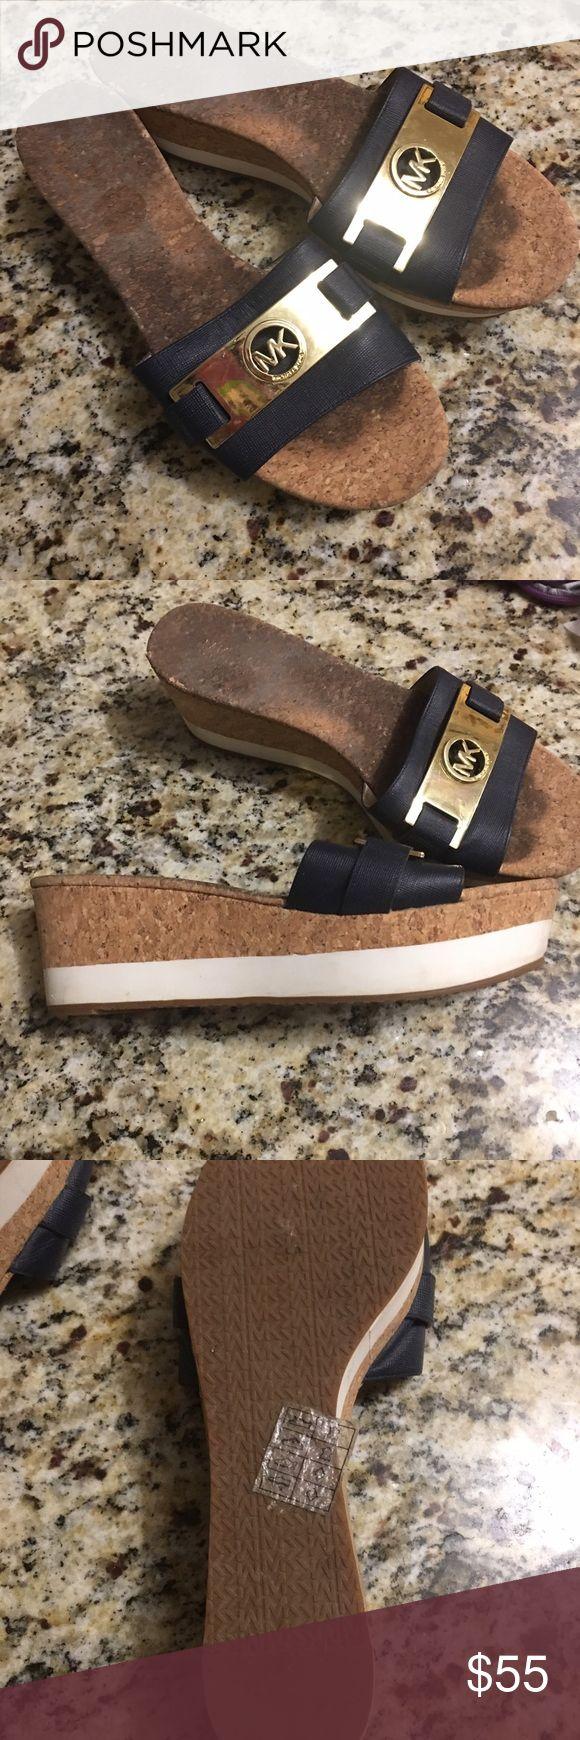 Michael kors Navy blue sandals size 9 Michael  kors Navy blue sandals size 9 good condition like new Michael Kors Shoes Sandals